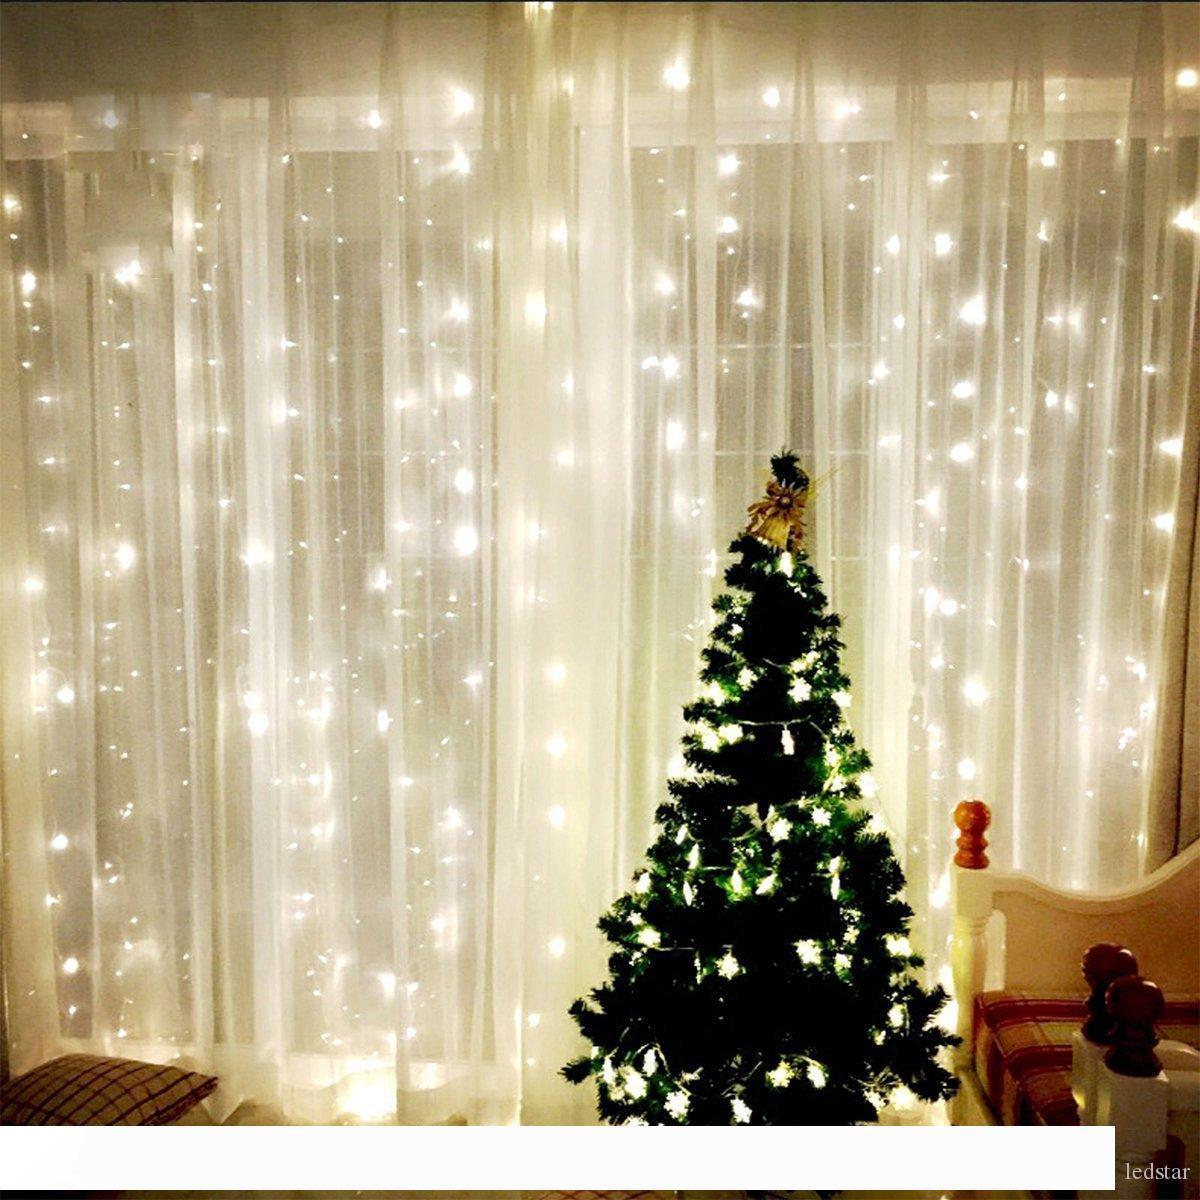 9.8FT 3x3m 300LEDS огни Свадьба Рождественские струнные рождения День рождения Открытый Дом Декоративные Феи Занавес Гирлянды